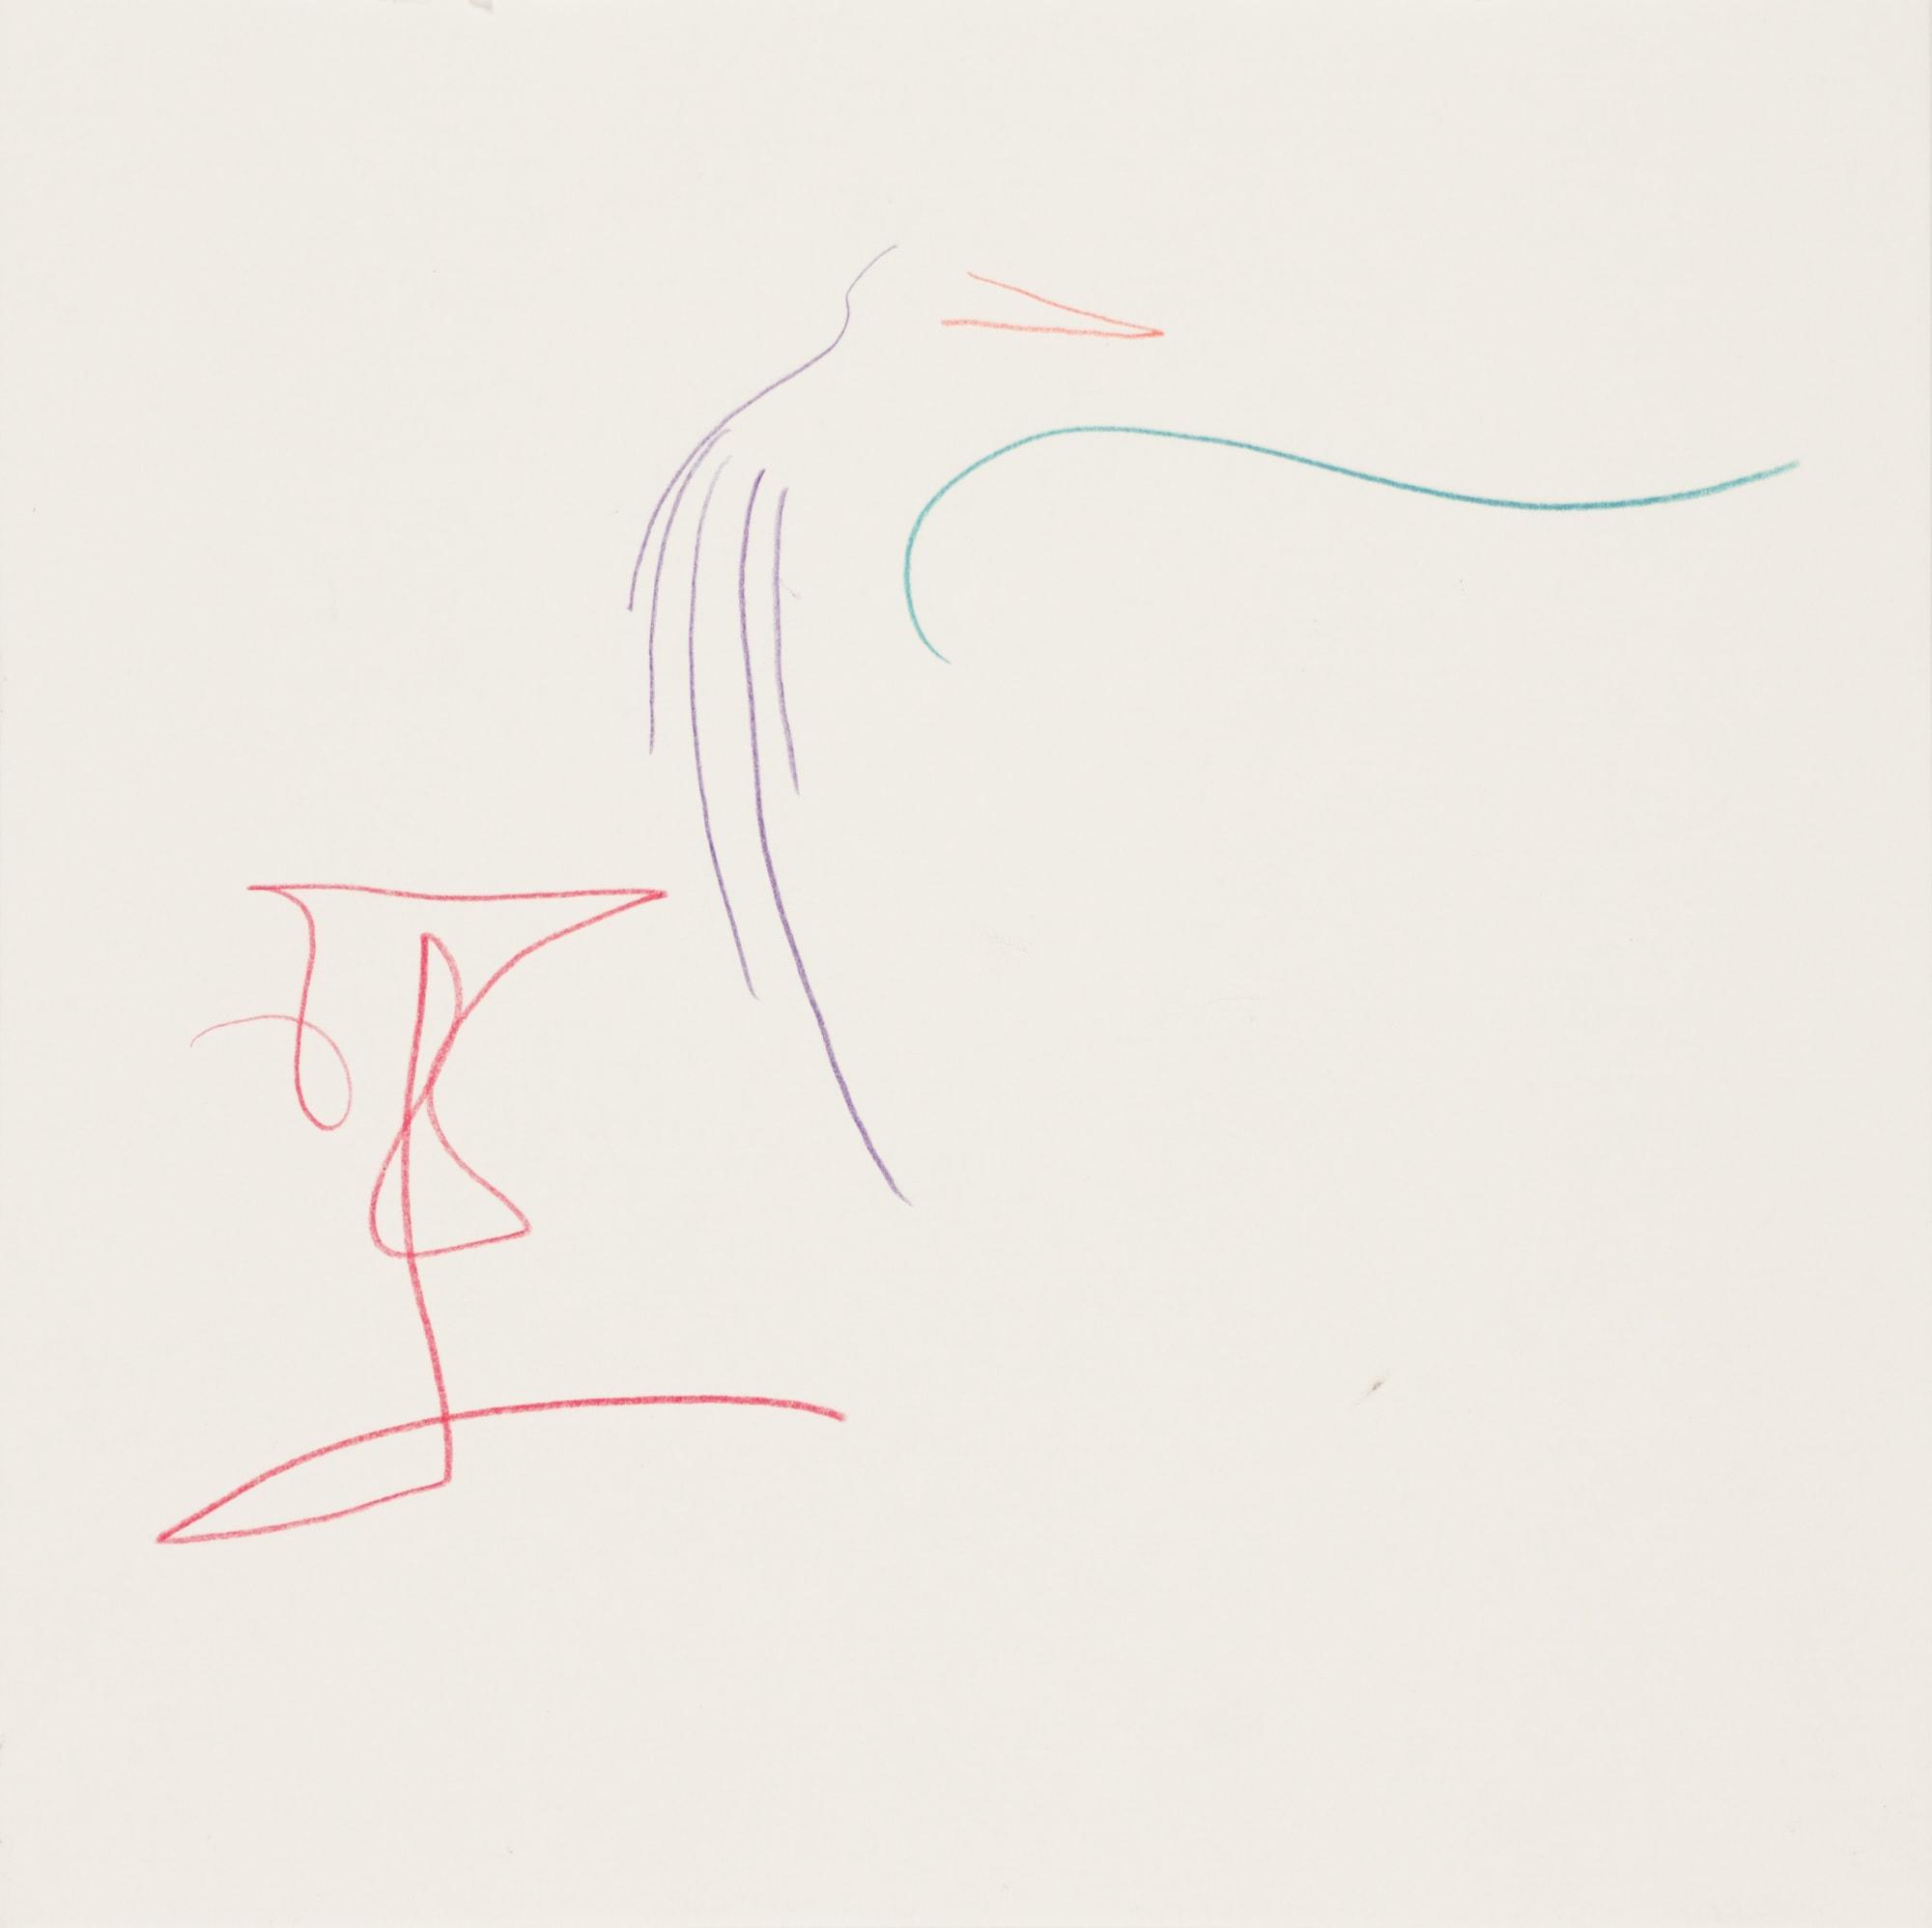 Zeichnung, Farbstift auf Papier, 20x20cm, abstraktes Tier, Künstlerin: Franziska King